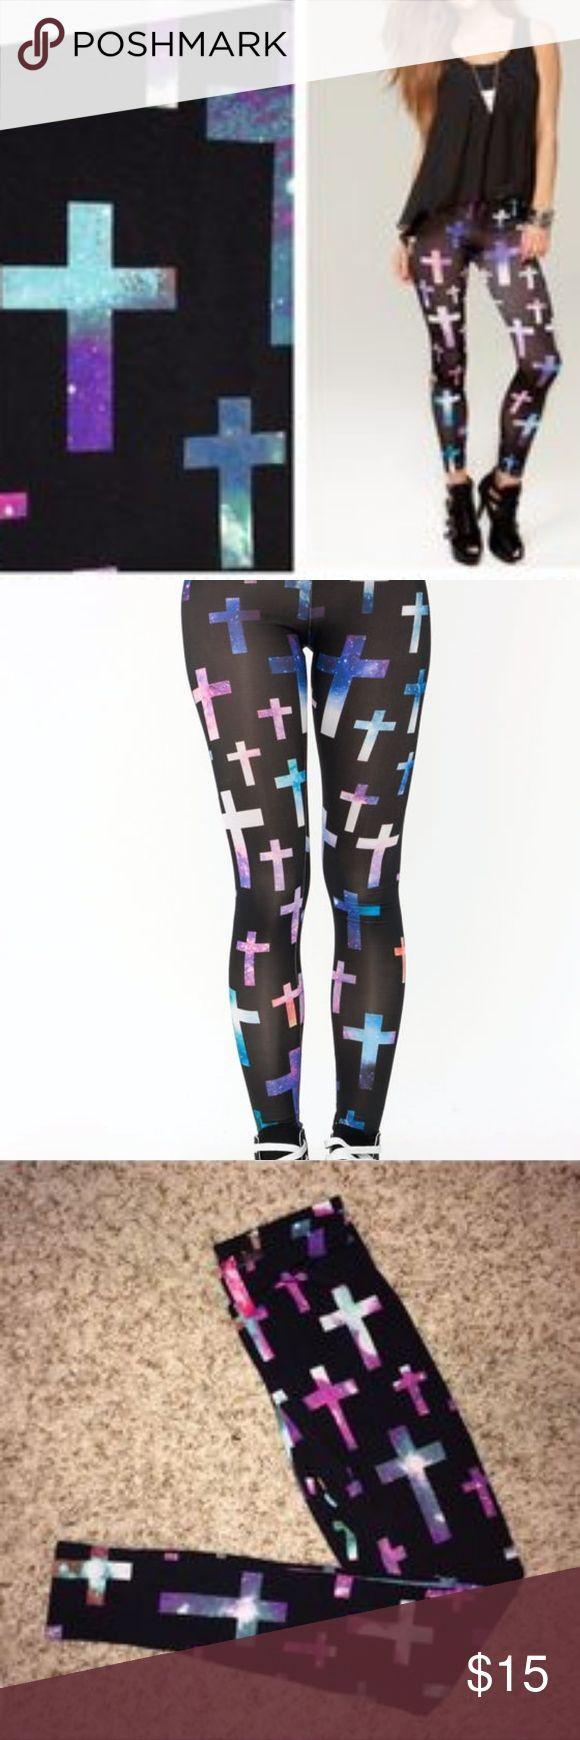 Body central cross leggings Body central cross leggings. Body Central Pants Leggings